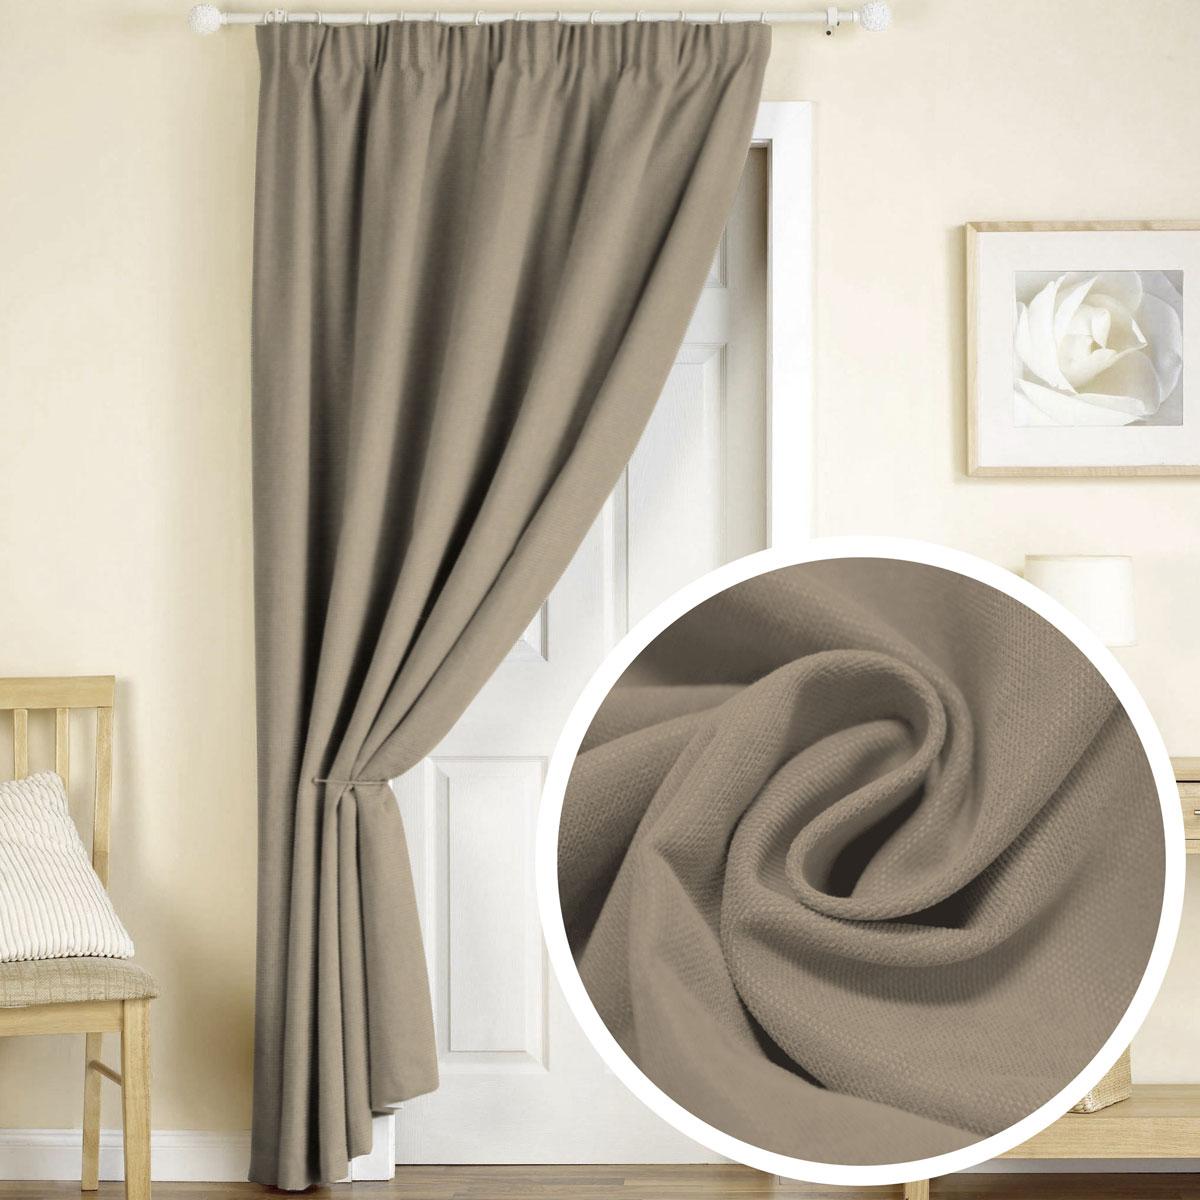 Штора Amore Mio, на ленте, цвет: молочно-коричневый, высота 270 см77617Готовая штора Amore Mio - это роскошная портьера для яркого и стильного оформления окон и создания особенной уютной атмосферы. Она великолепно смотрится как одна, так и в паре, в комбинации с нежной тюлевой занавеской, собранная на подхваты и свободно ниспадающая естественными складками. Такая штора, изготовленная полностью из прочного и очень практичного полиэстера, долговечна и не боится стирок, не сминается, не теряет своего блеска и яркости красок.